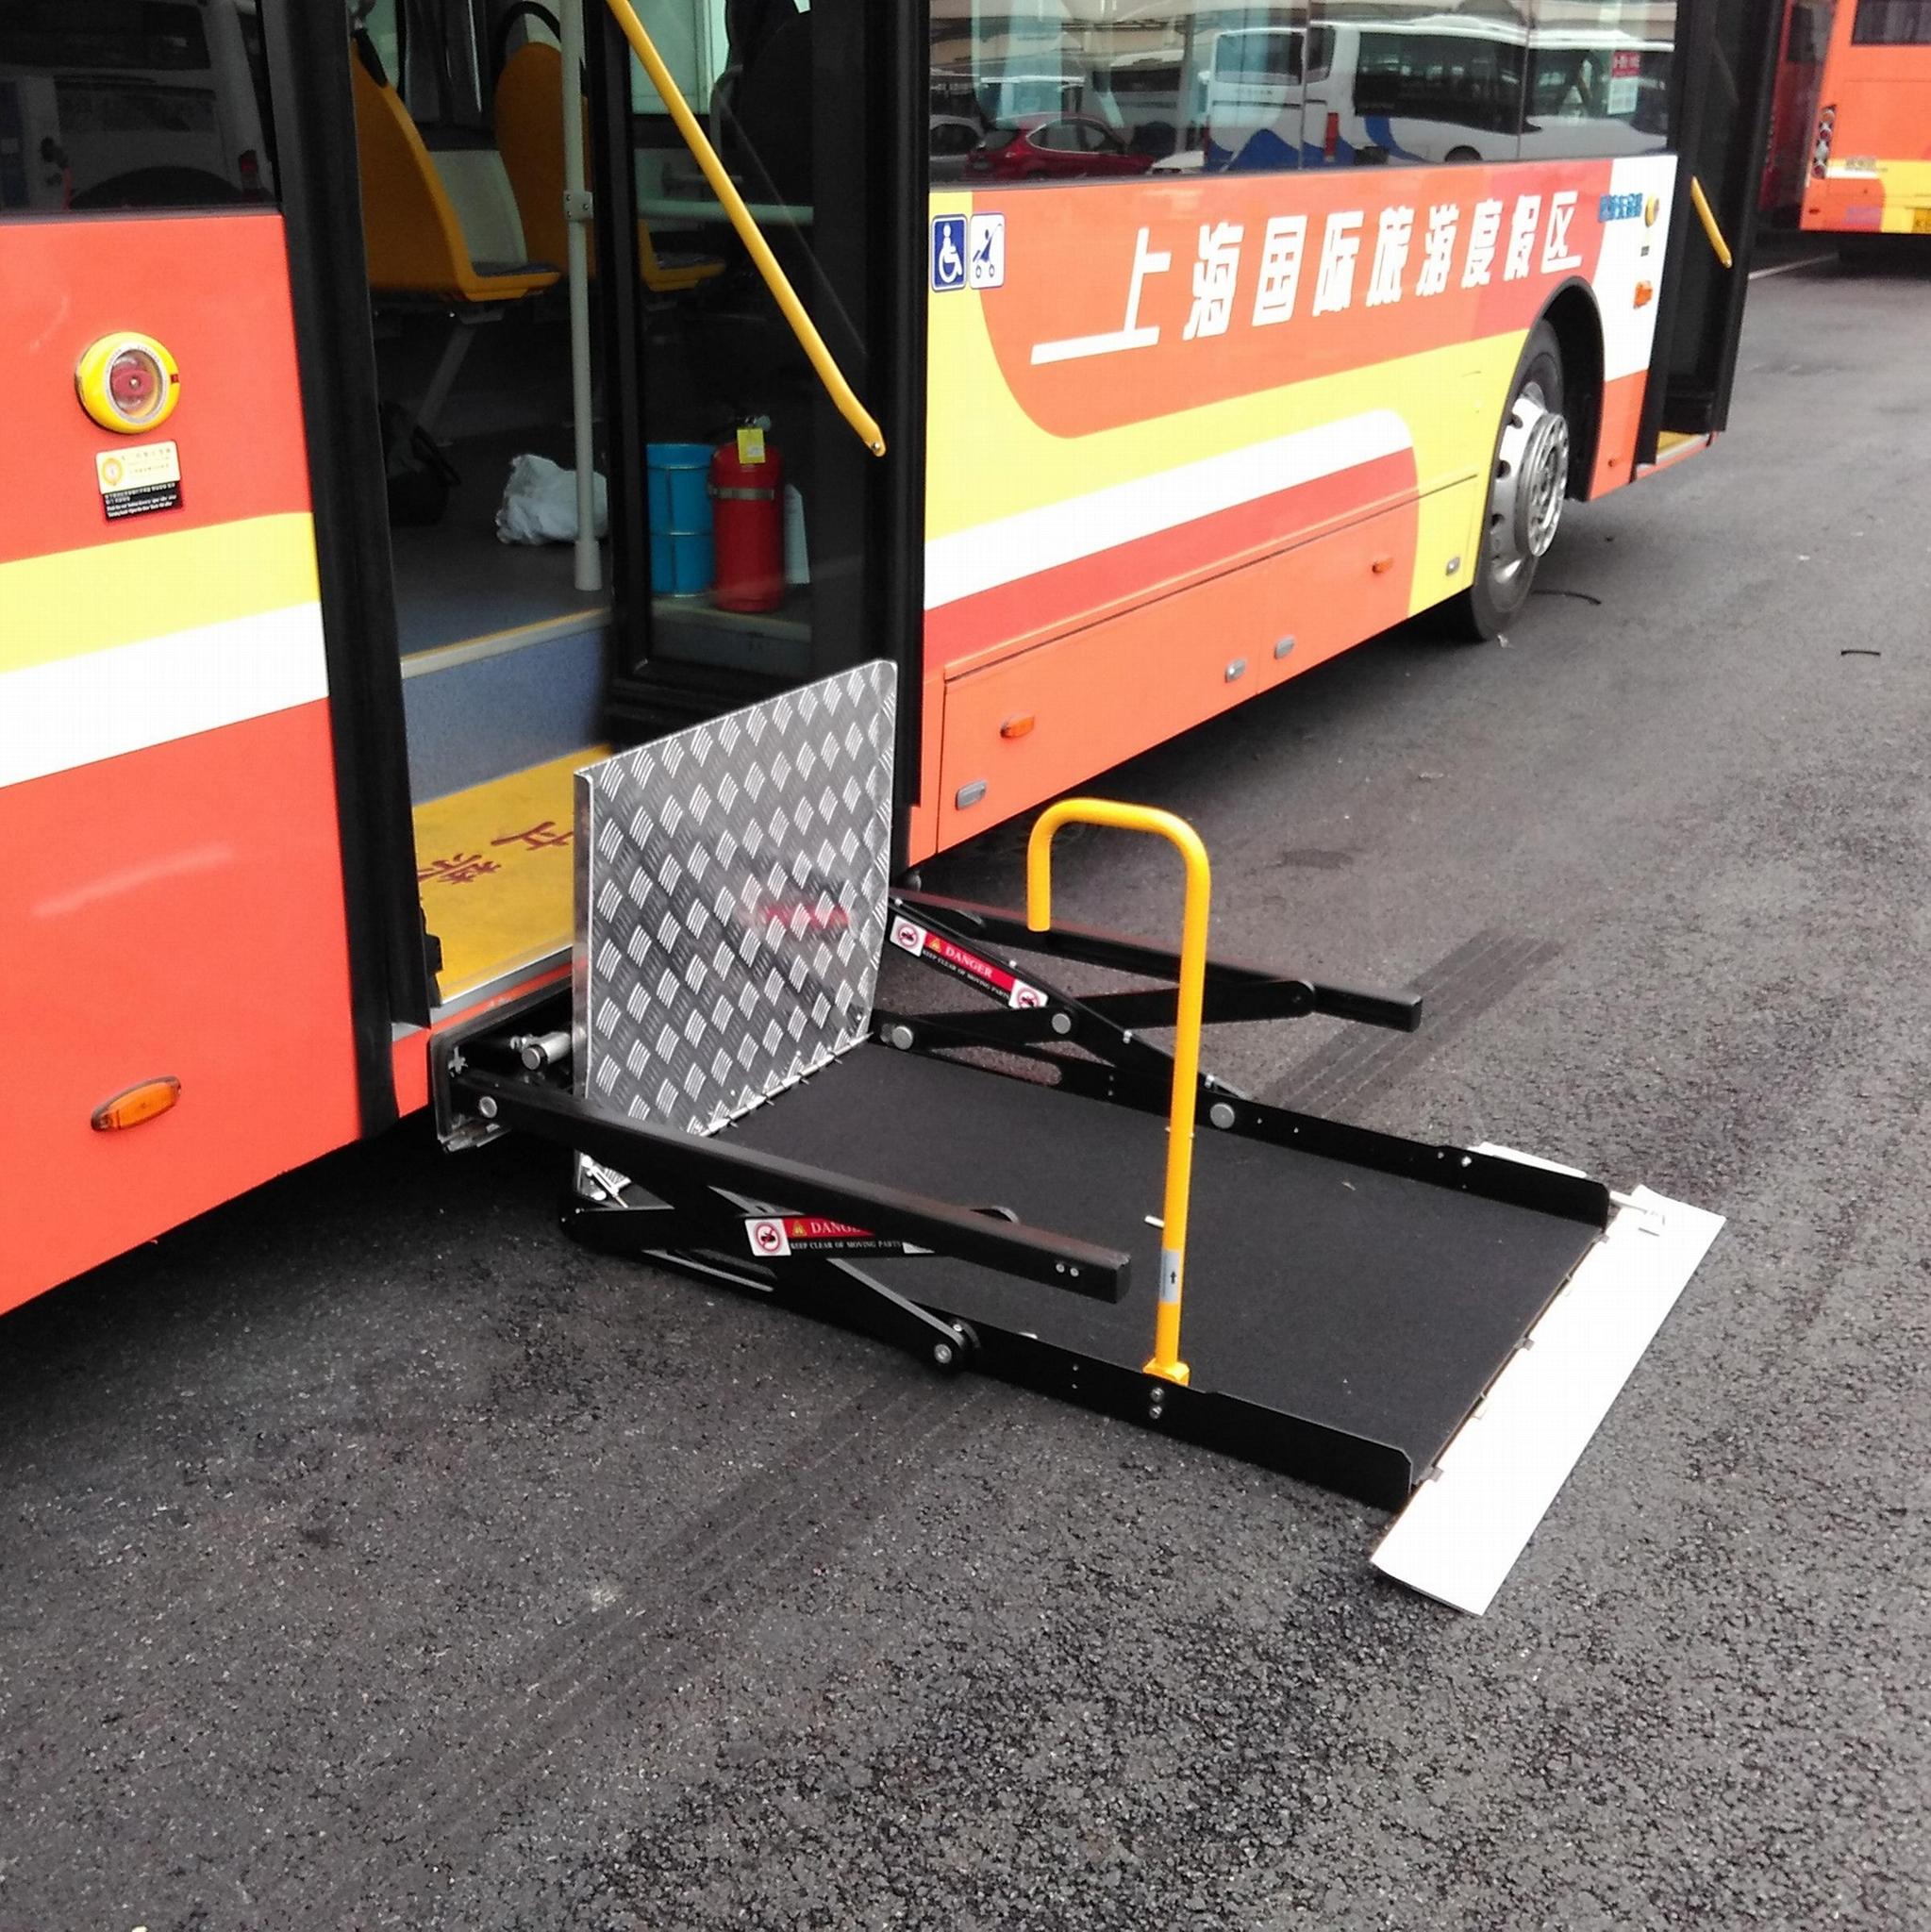 WL-UVL公交车轮椅升降机升降平台 2